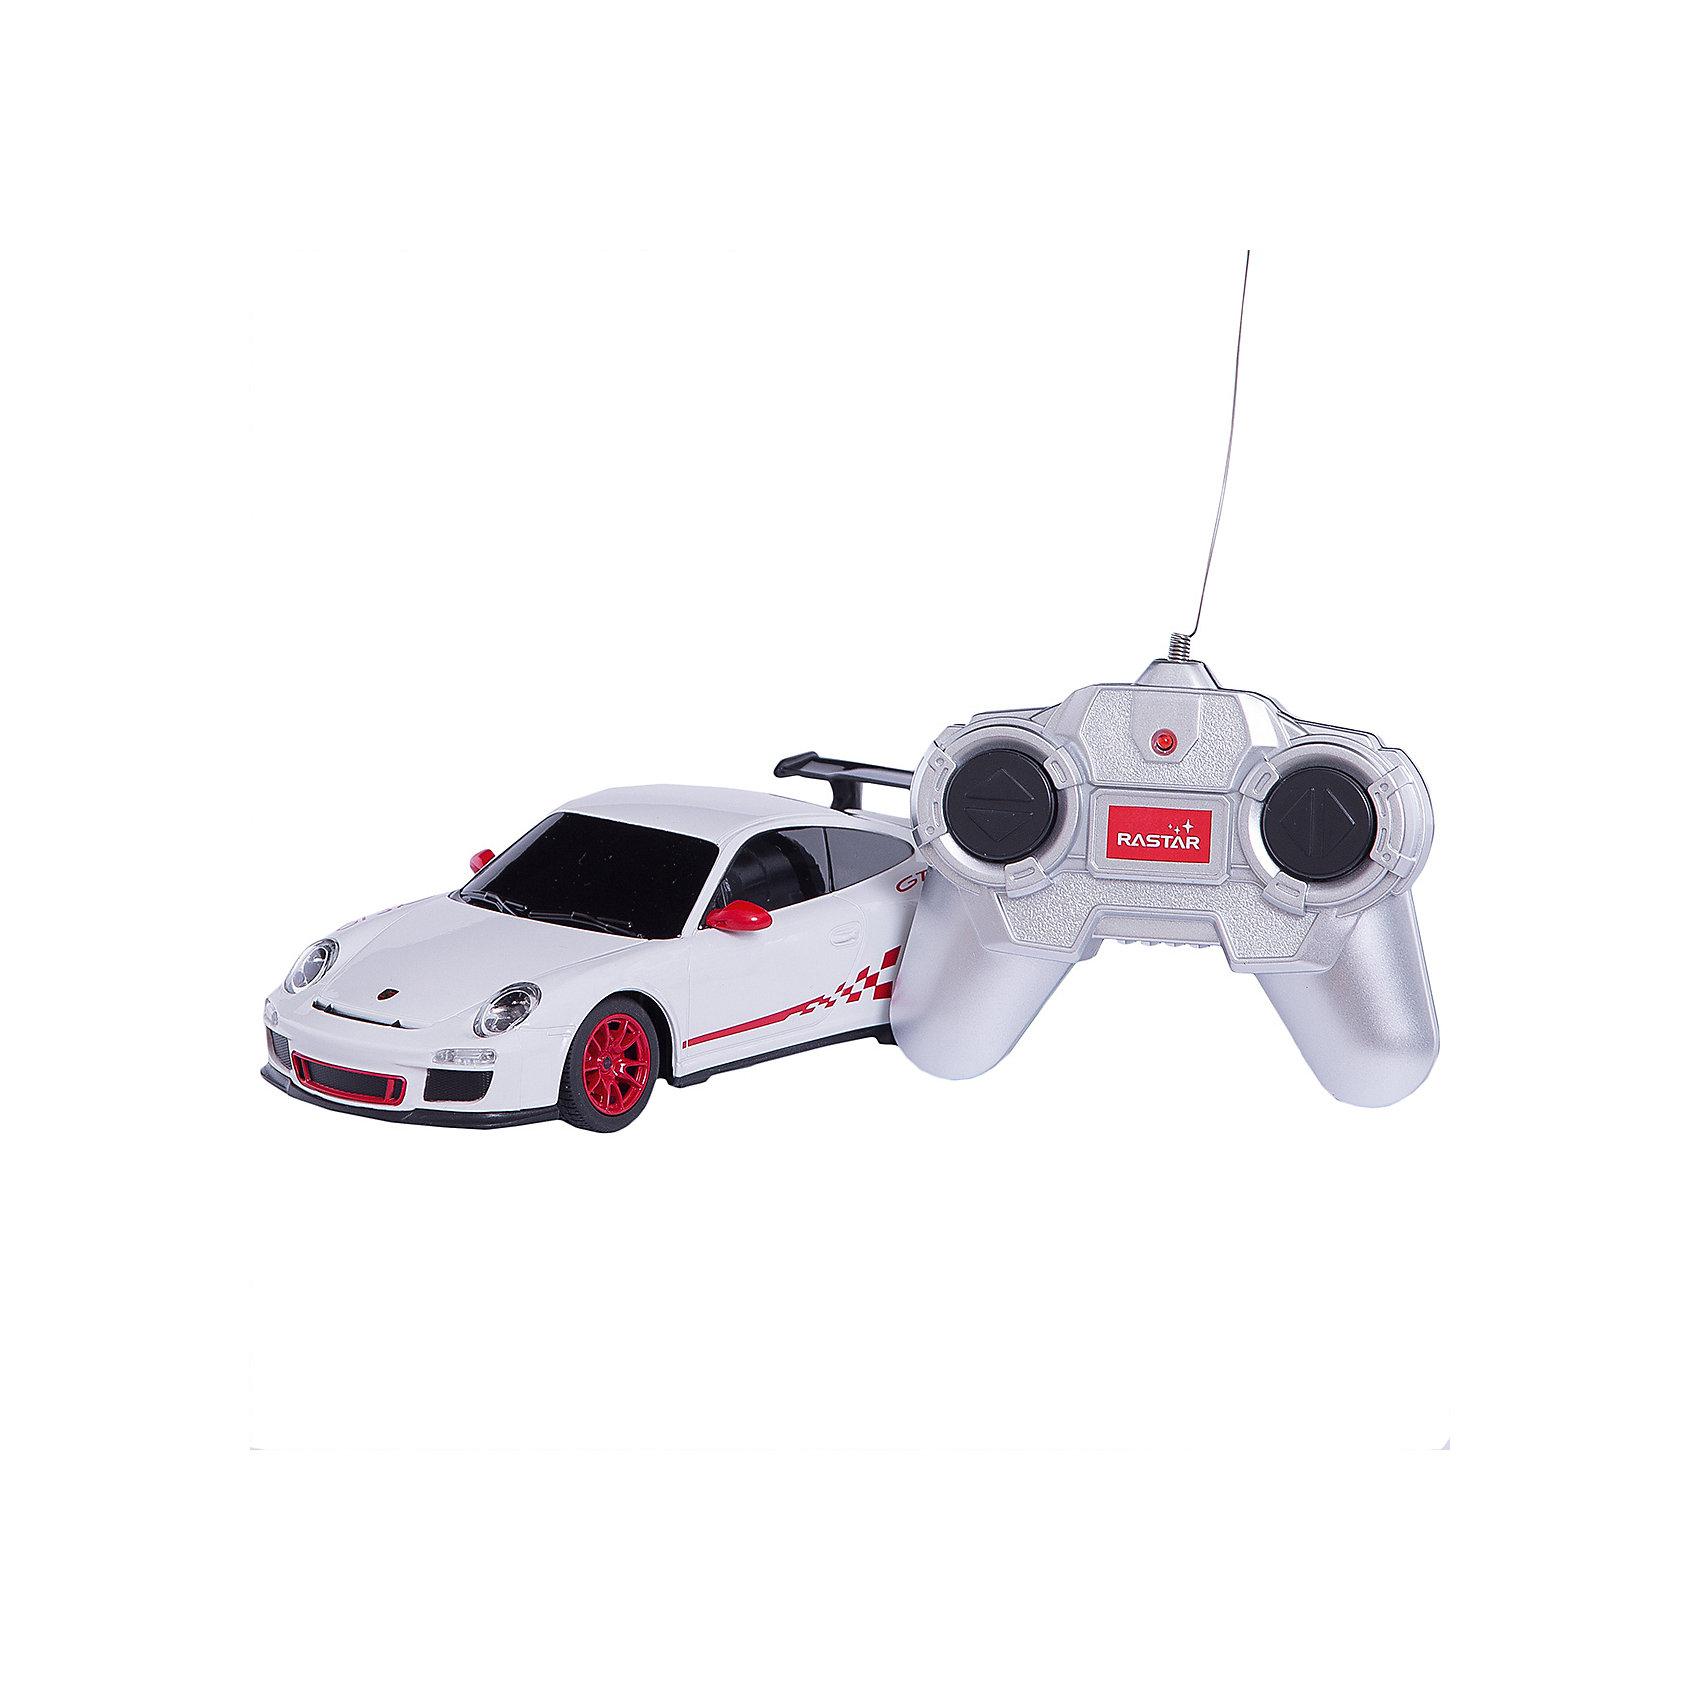 RASTAR ���������������� ������ Porsche GT3 RS 1:24 (-)